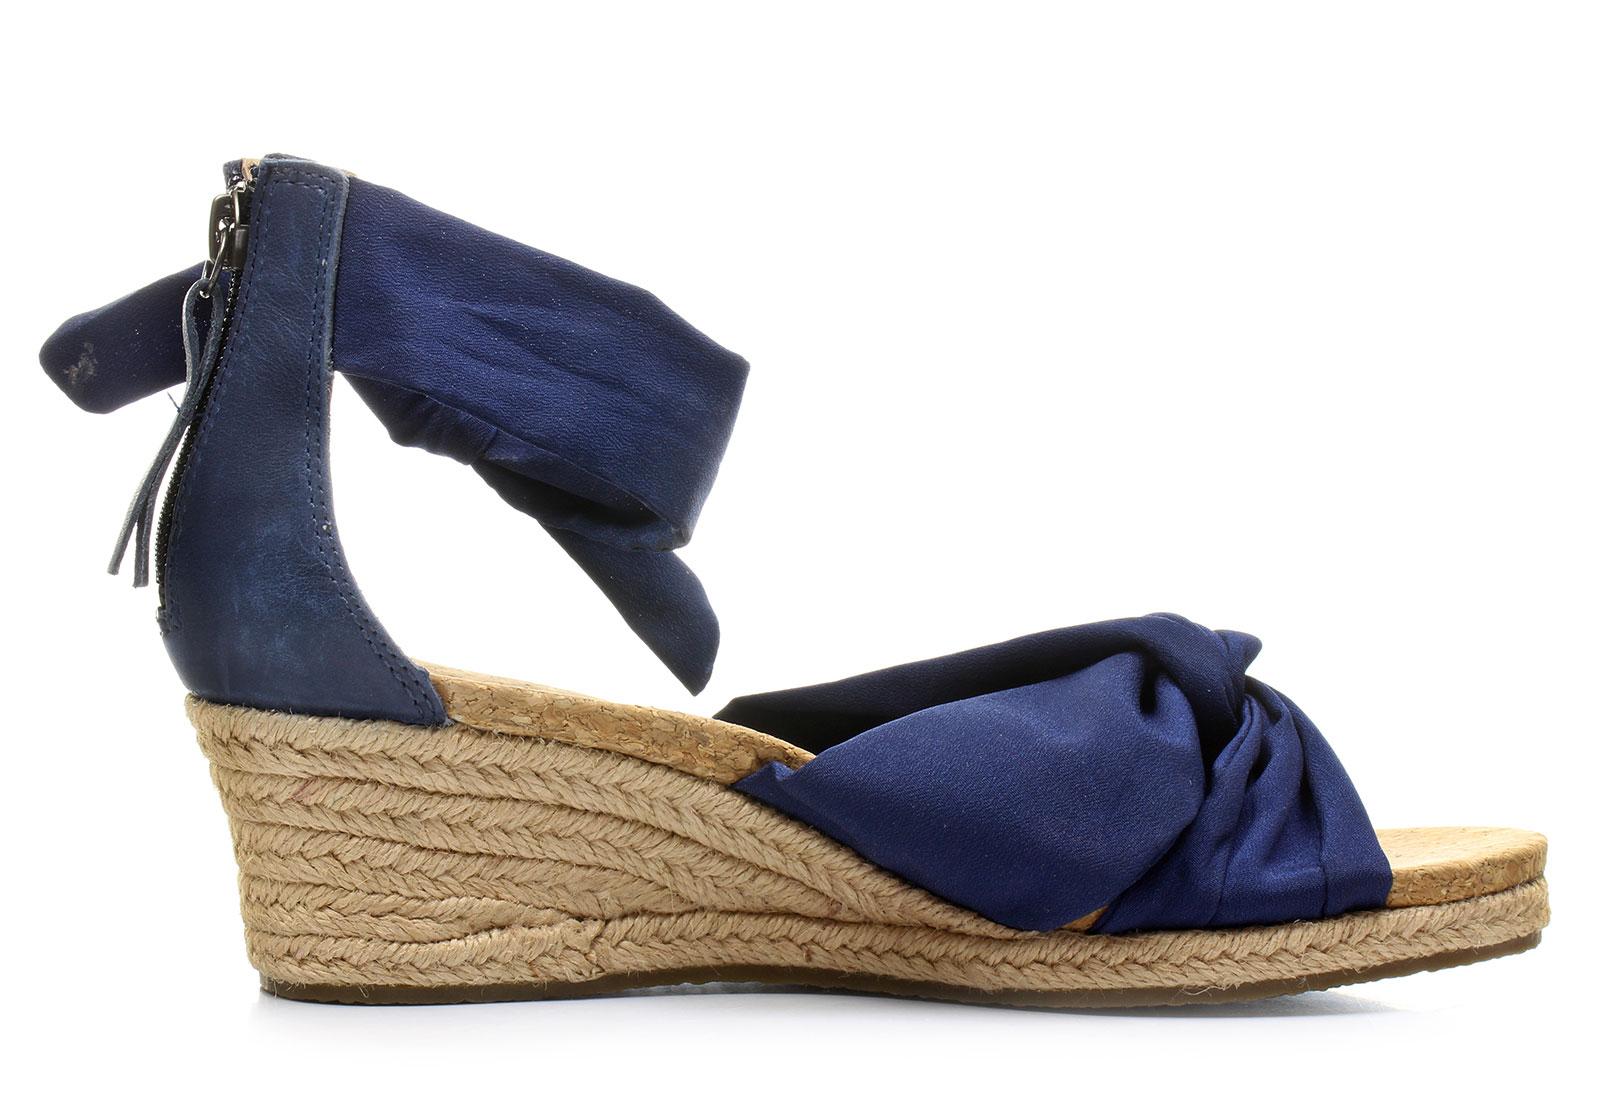 Ugg Sandals Starla 1011181 Navy Online Shop For